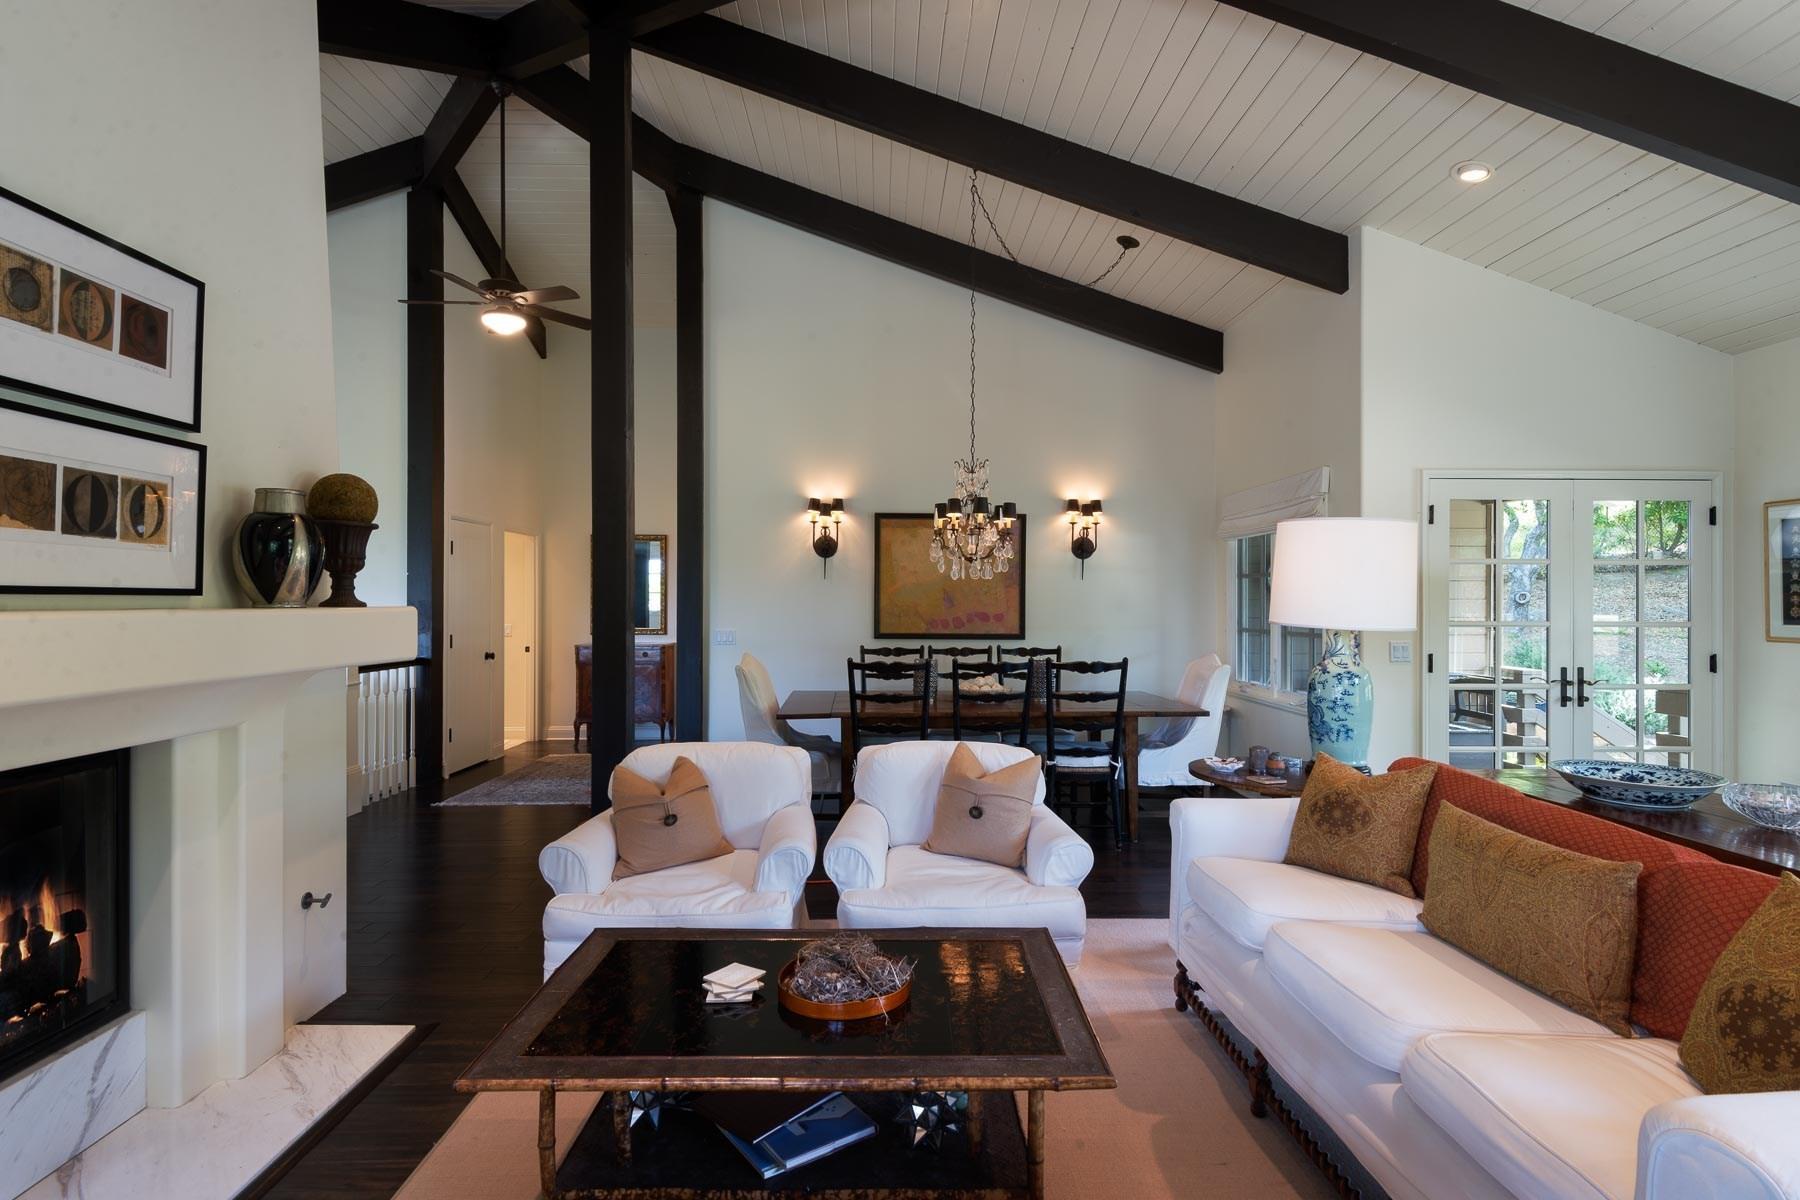 Einfamilienhaus für Verkauf beim Upper Riviera Country Living 1729 Hillcrest Rd Santa Barbara, Kalifornien, 93103 Vereinigte Staaten